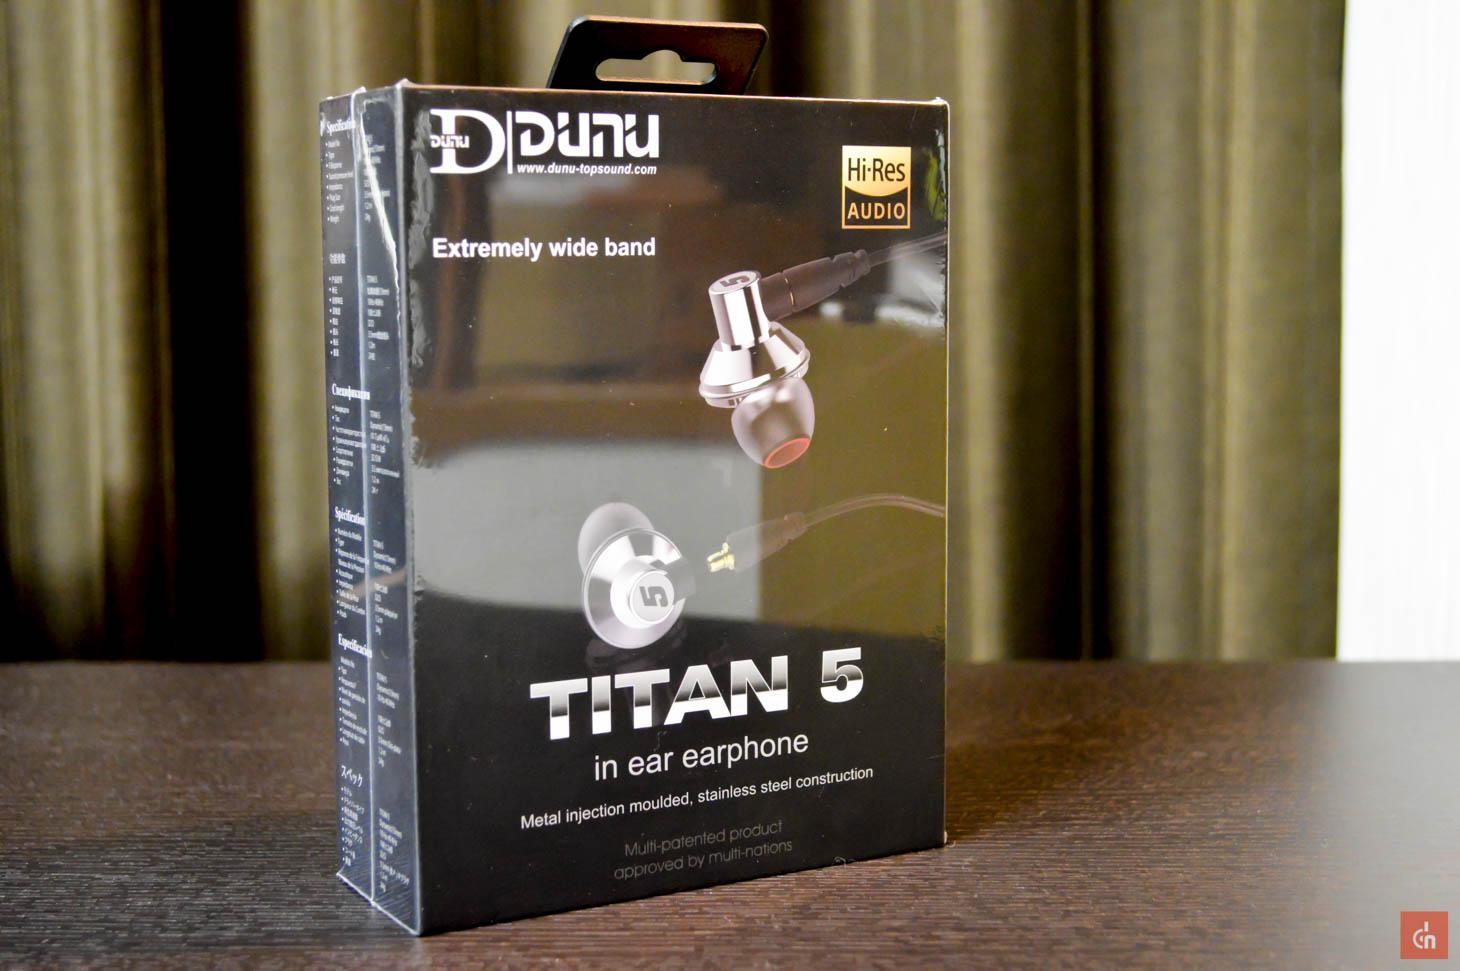 001_20160321_dunu-titan5